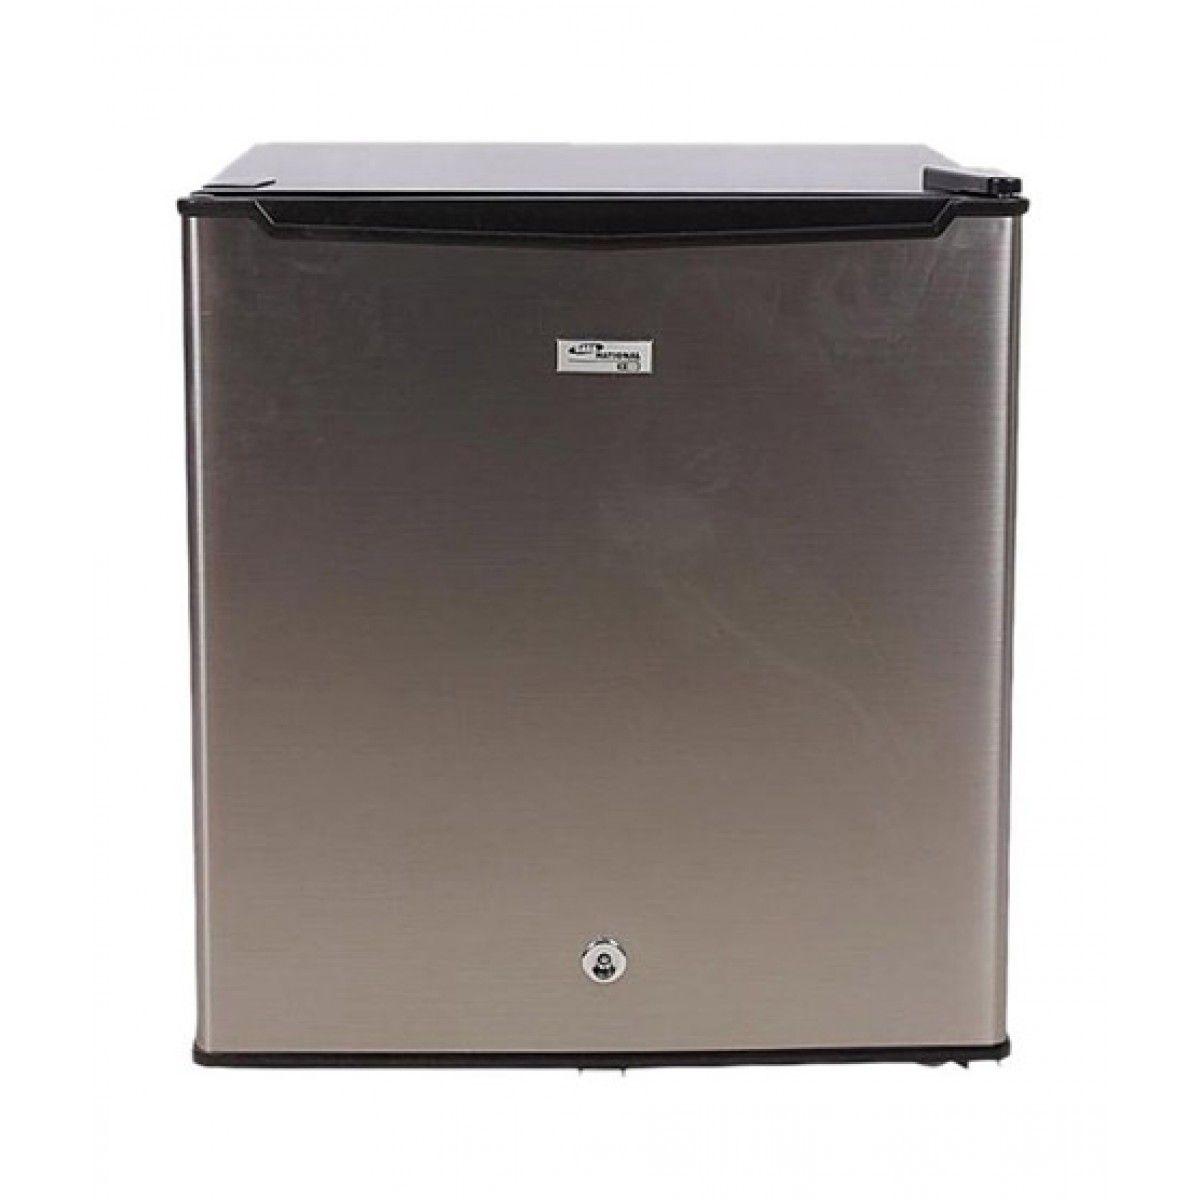 Gaba National (GNR-184SS) Single Door Refrigerator